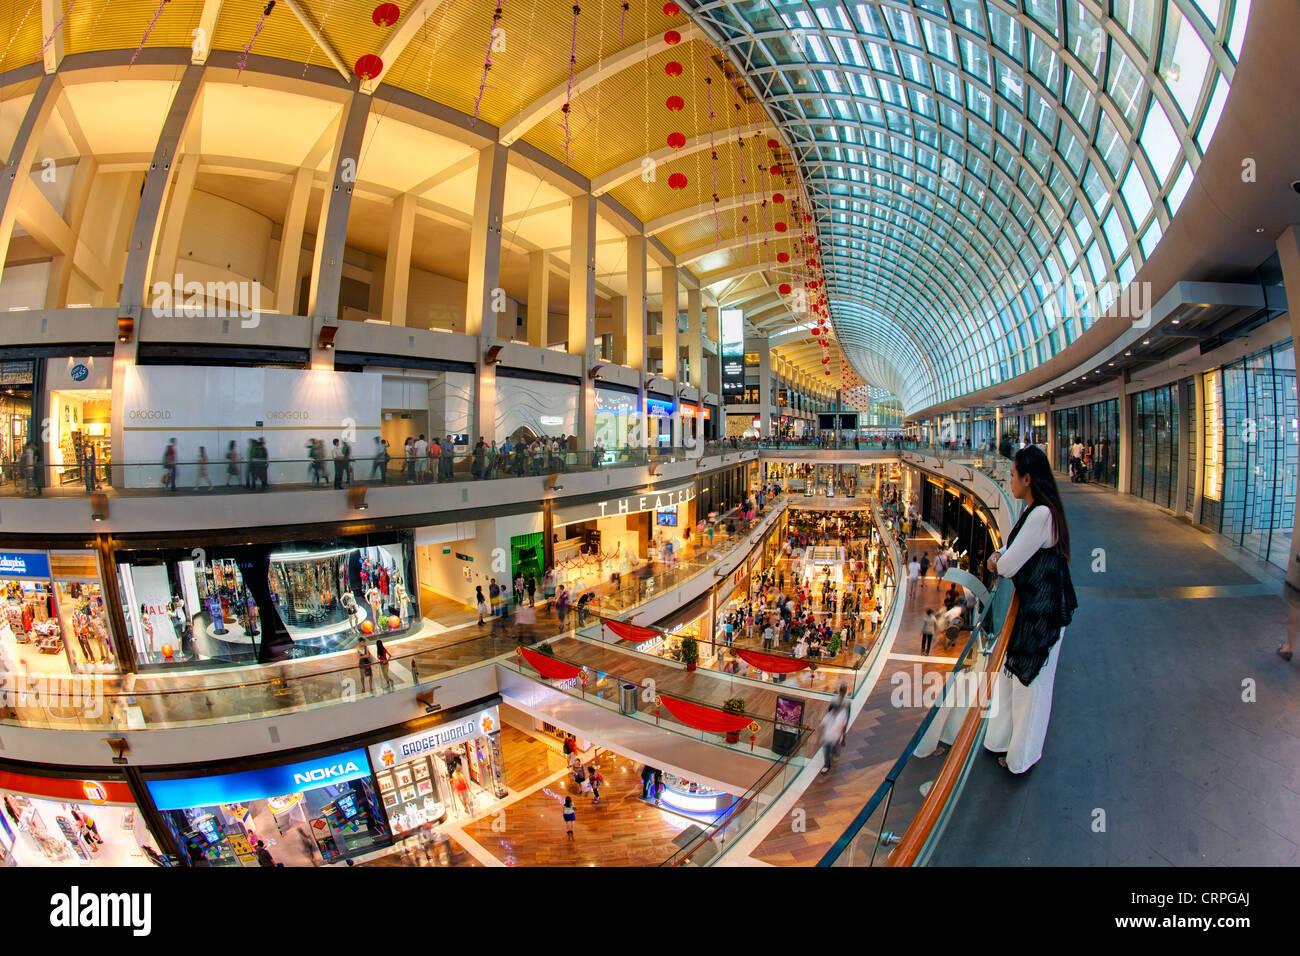 Marina bay sand singapore casino online casino start up